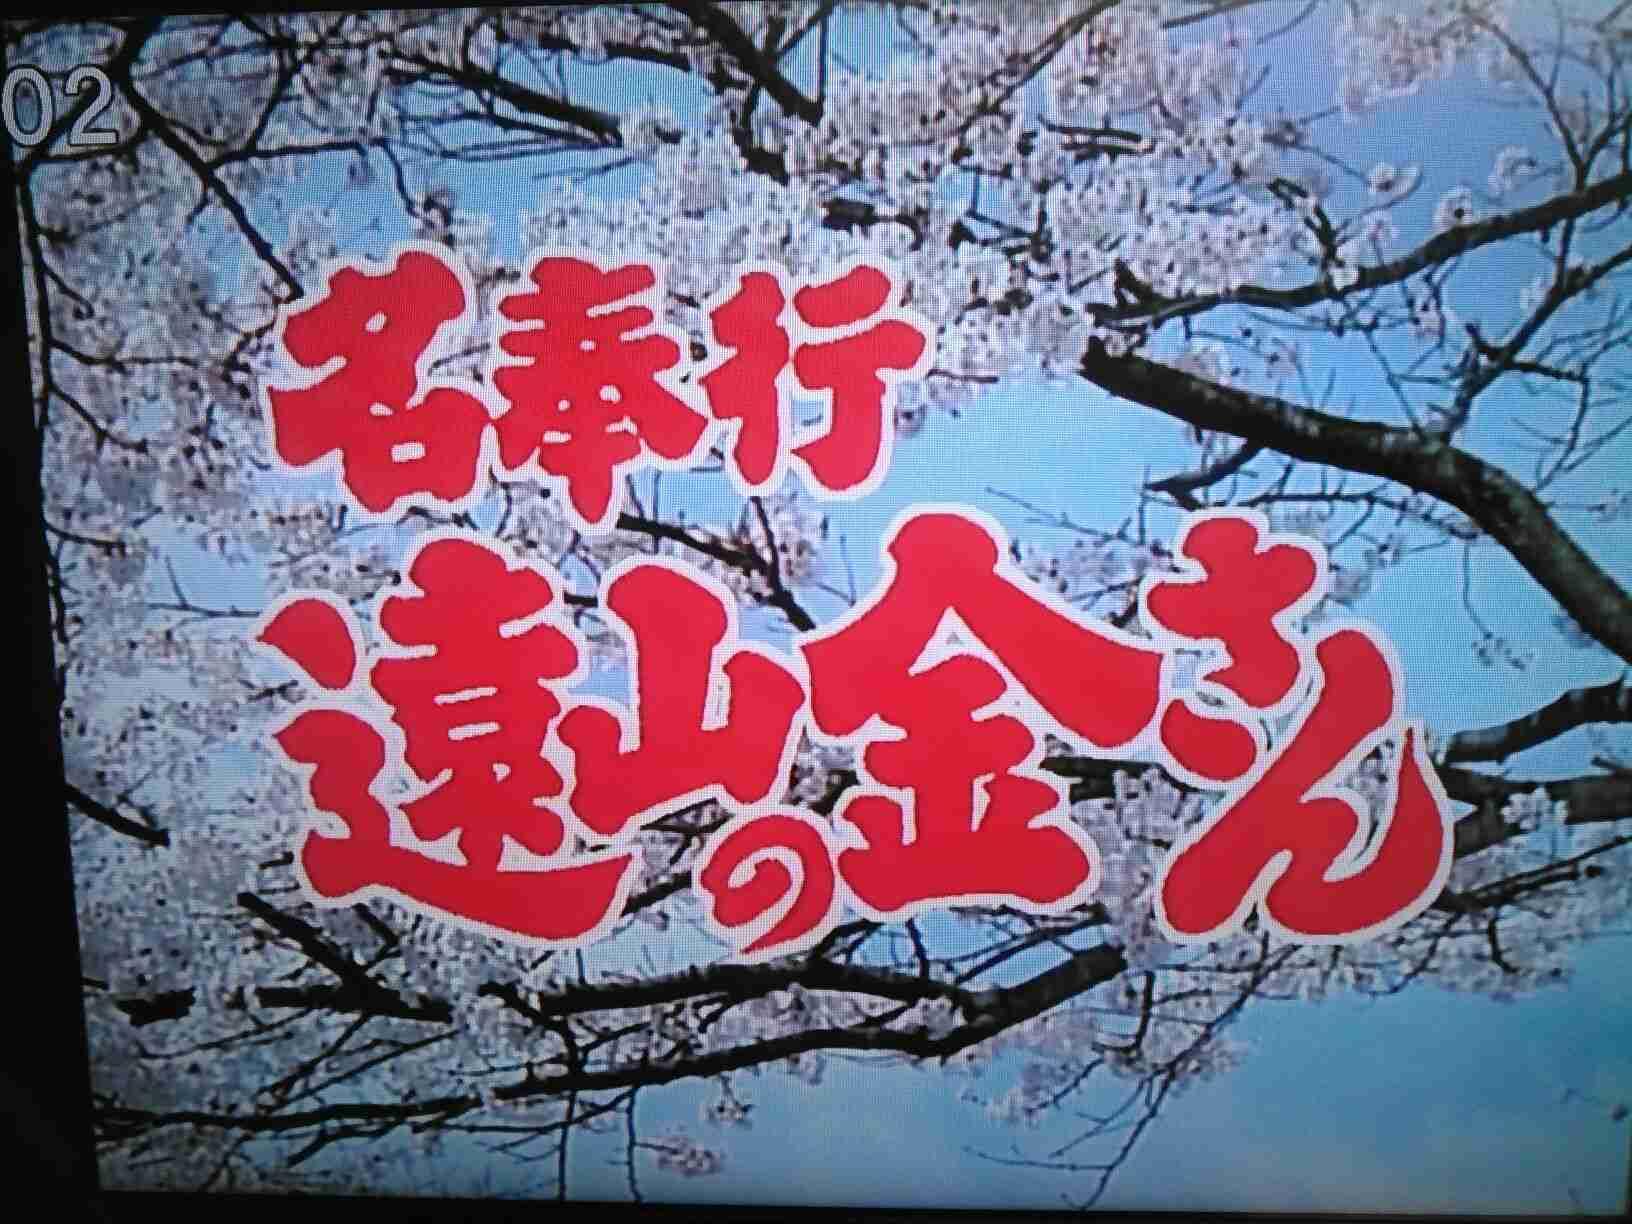 史上最高の日本のドラマを1つだけ上げるとしたら?